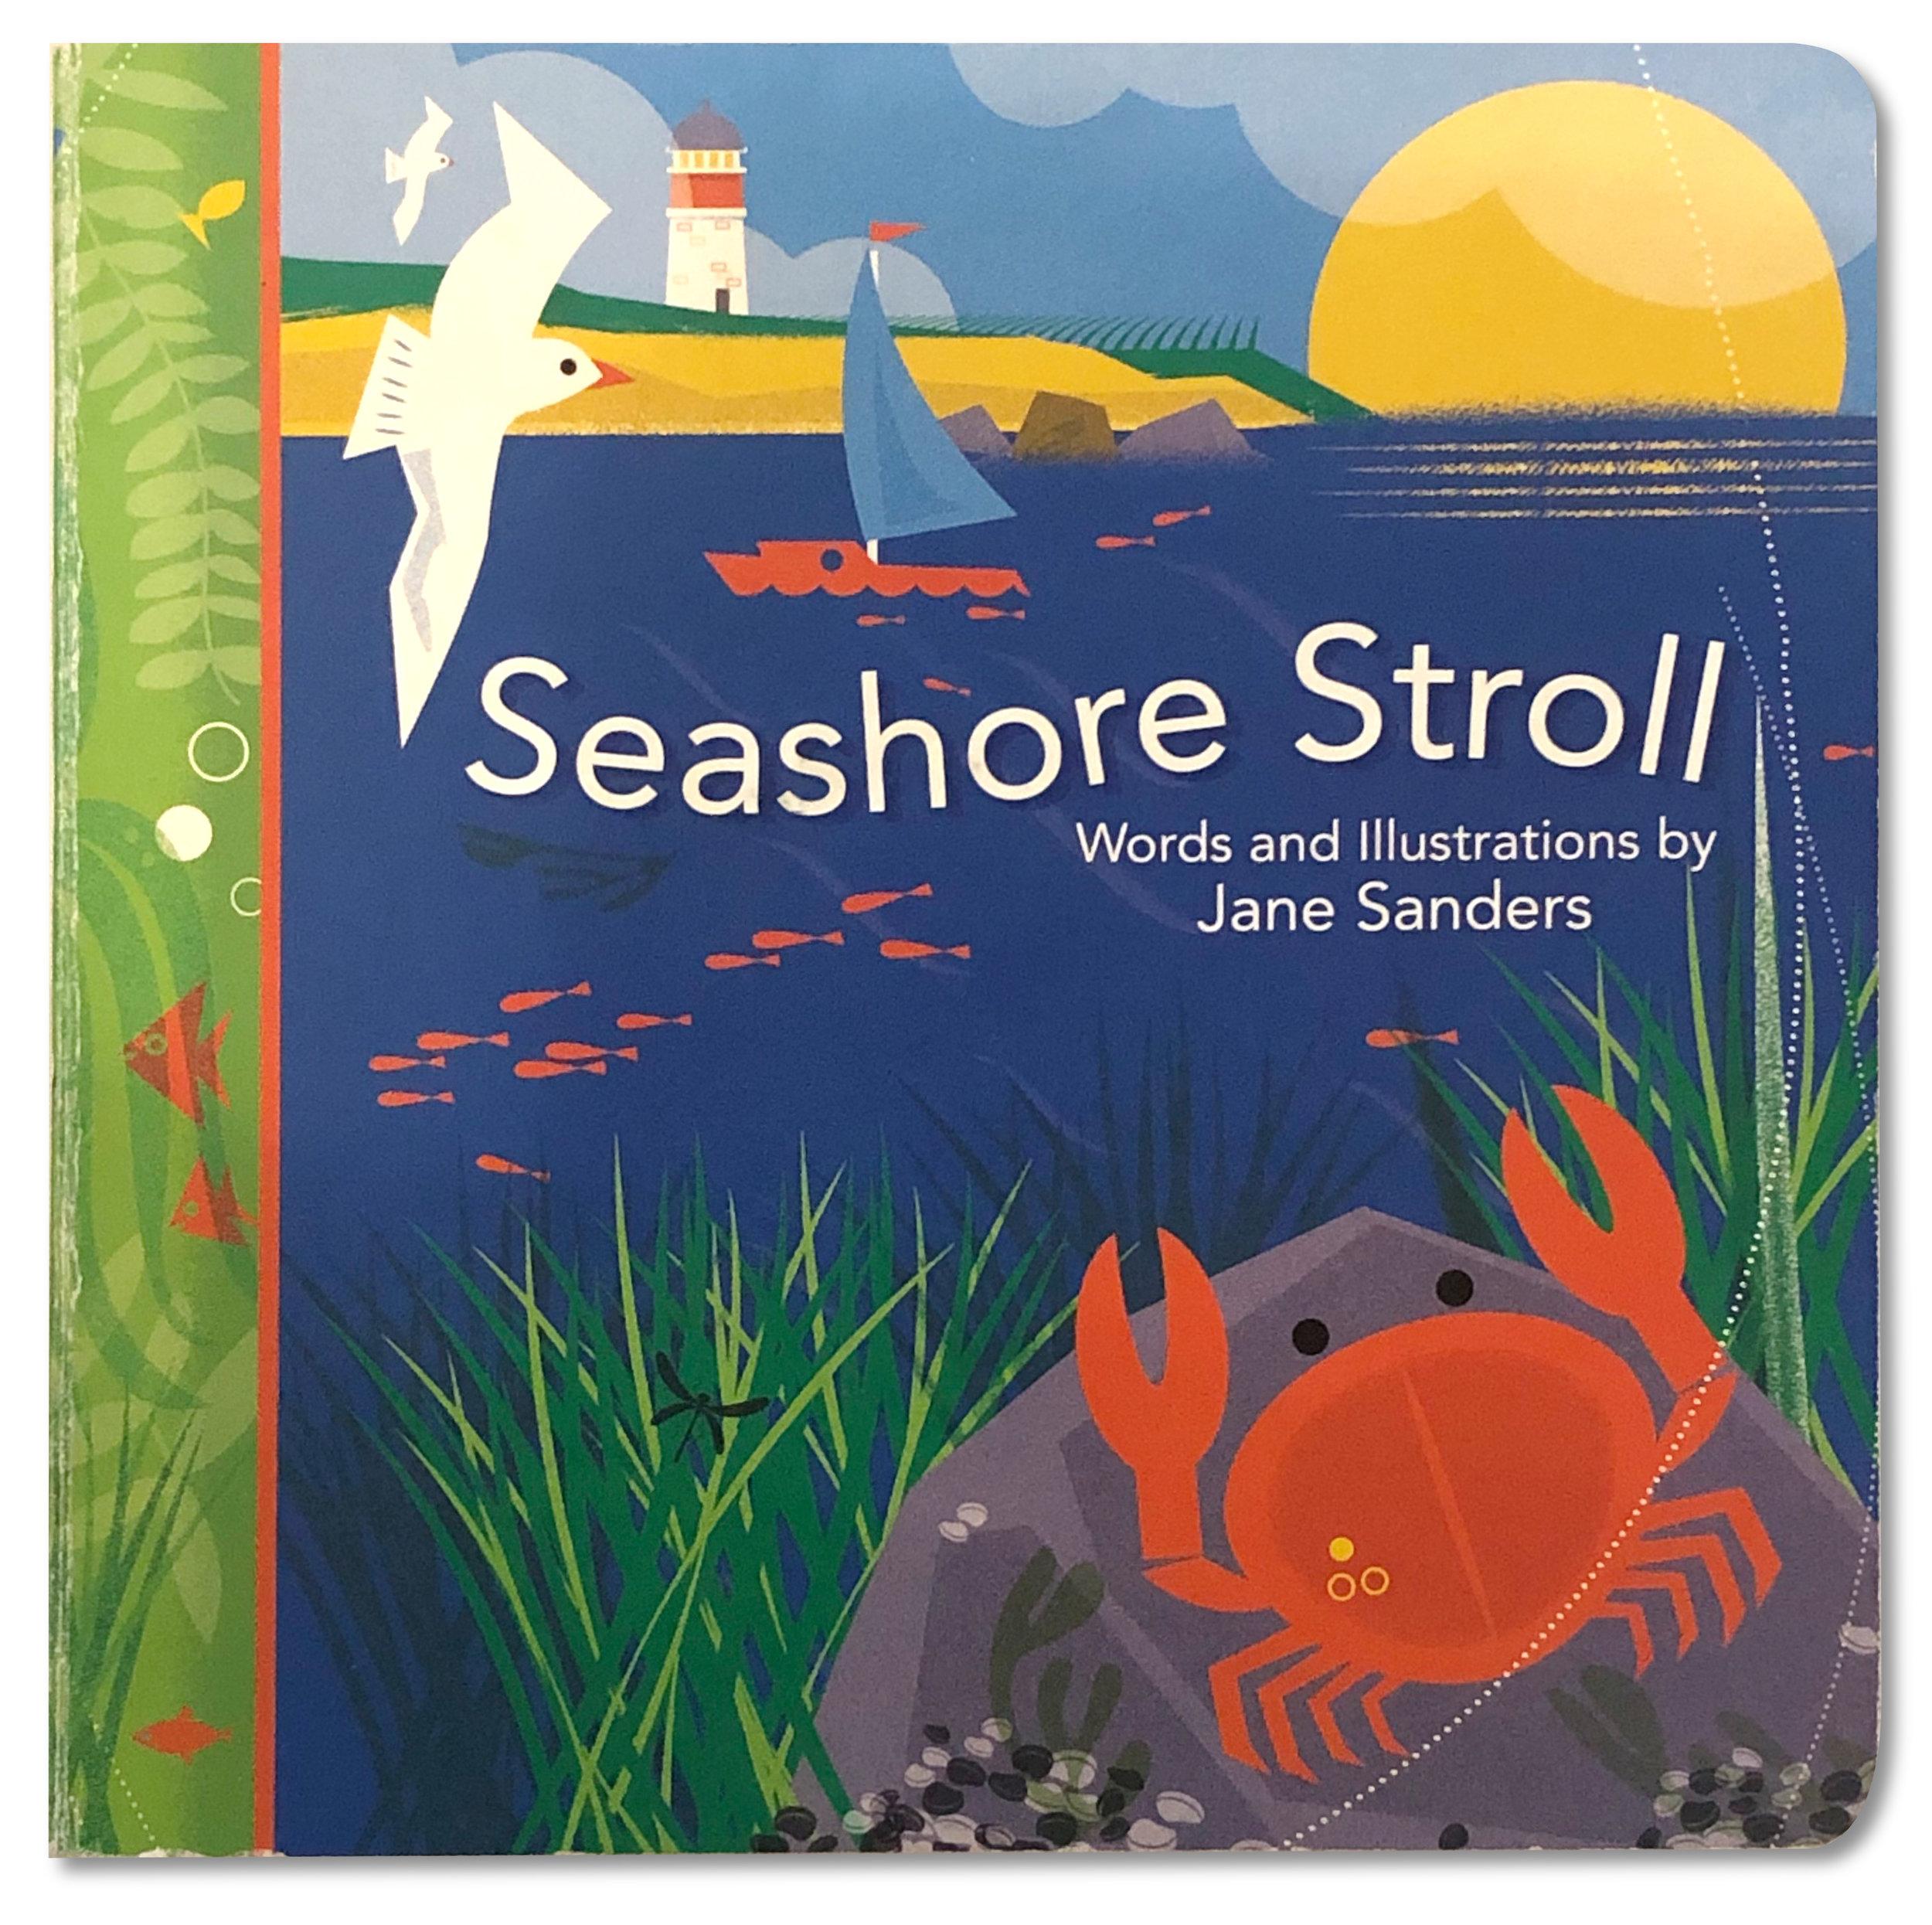 Seashore Stroll, Gibbs & Smith